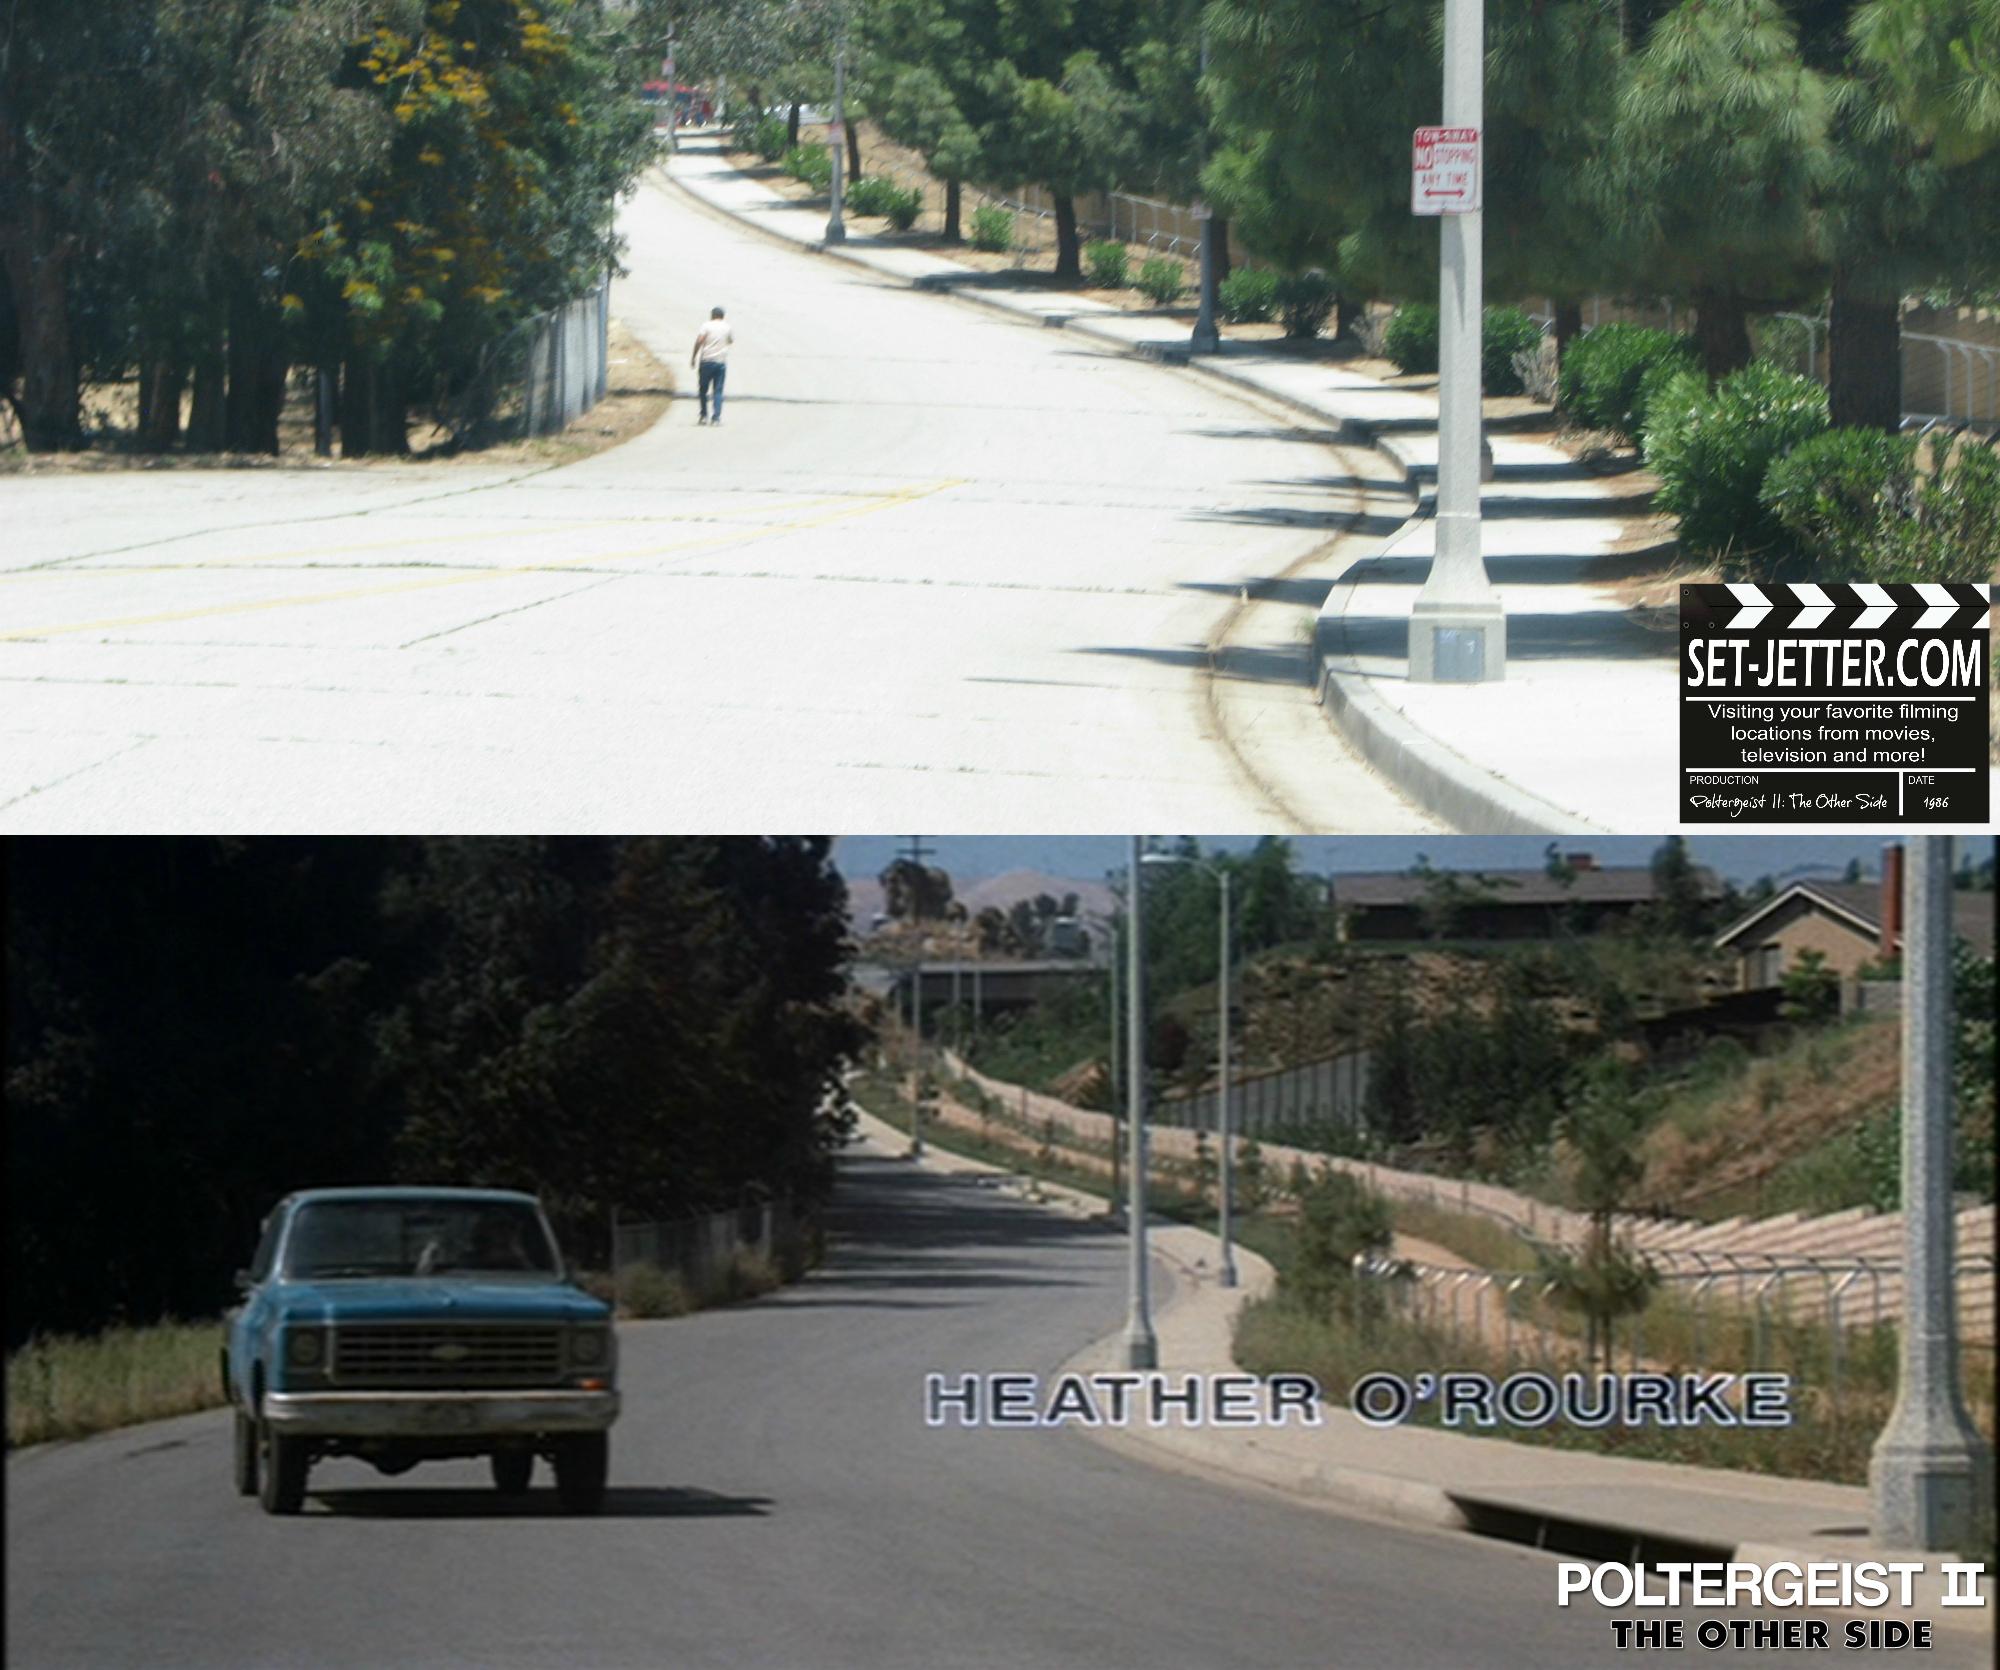 Poltergeist II comparison 01.jpg